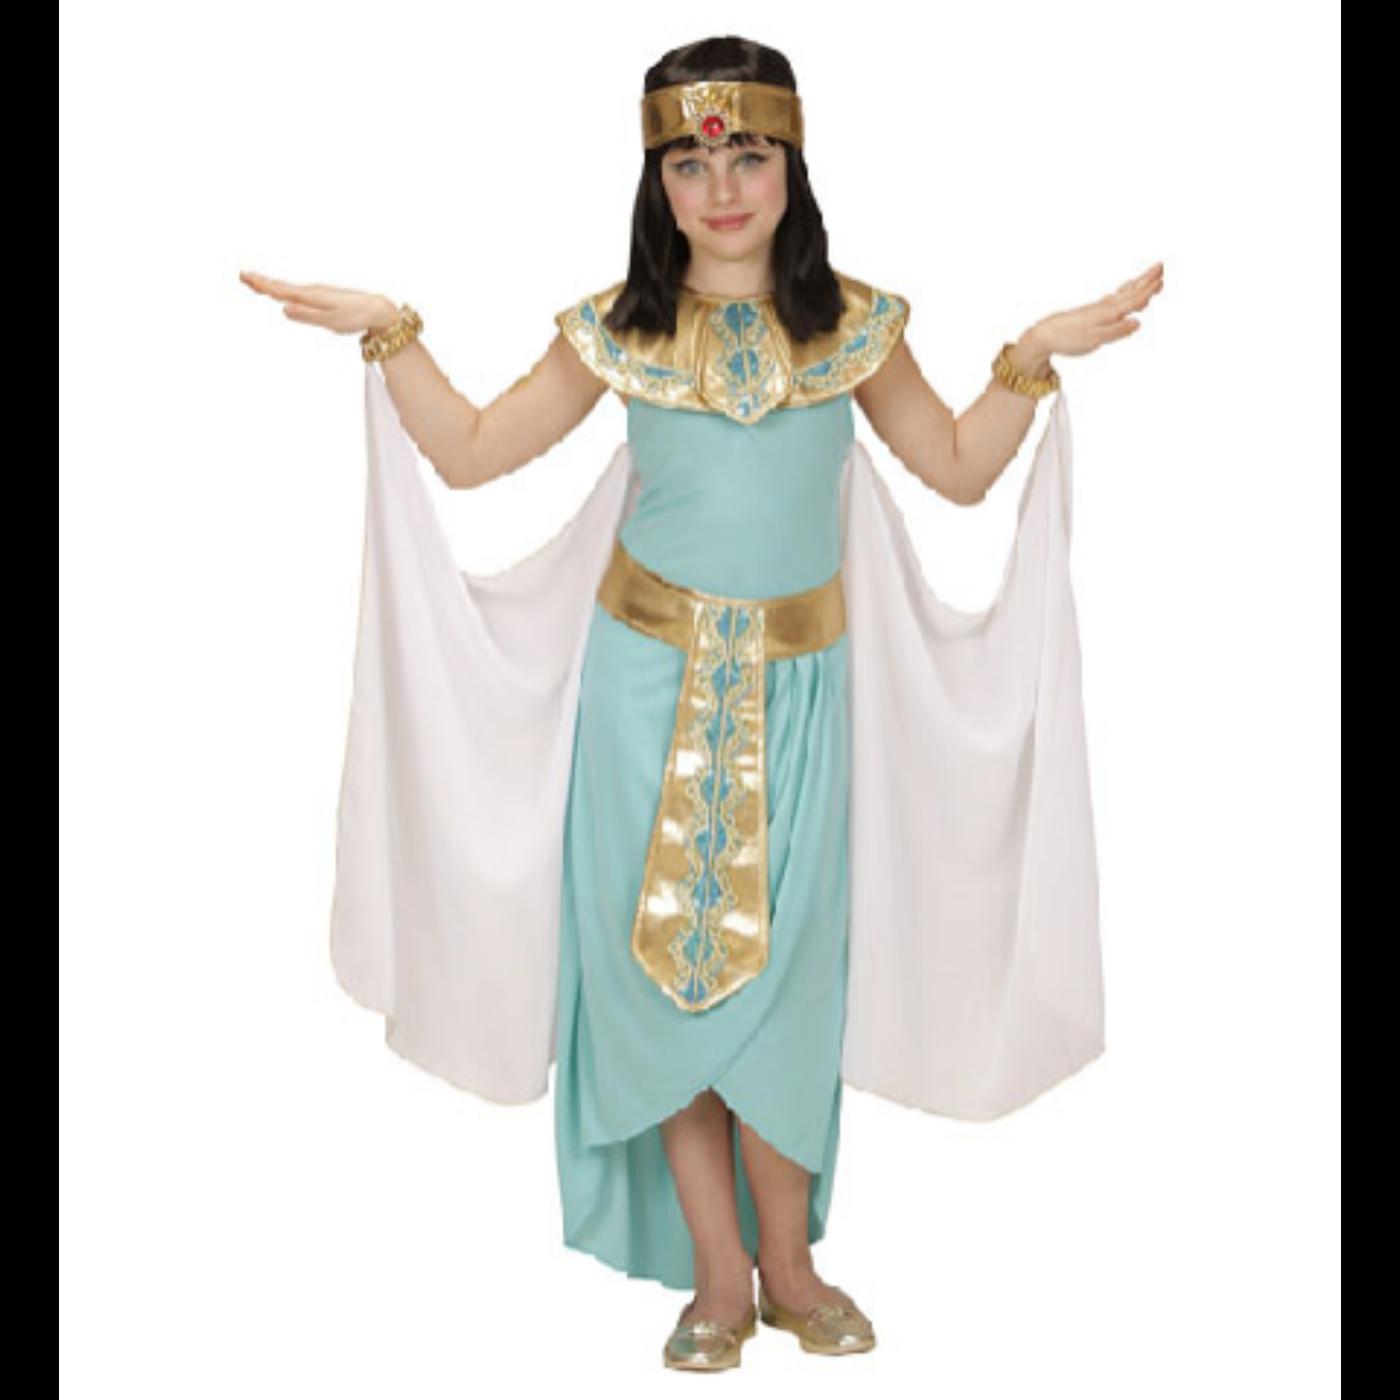 Egyiptomi hercegnő jelmez 158-as